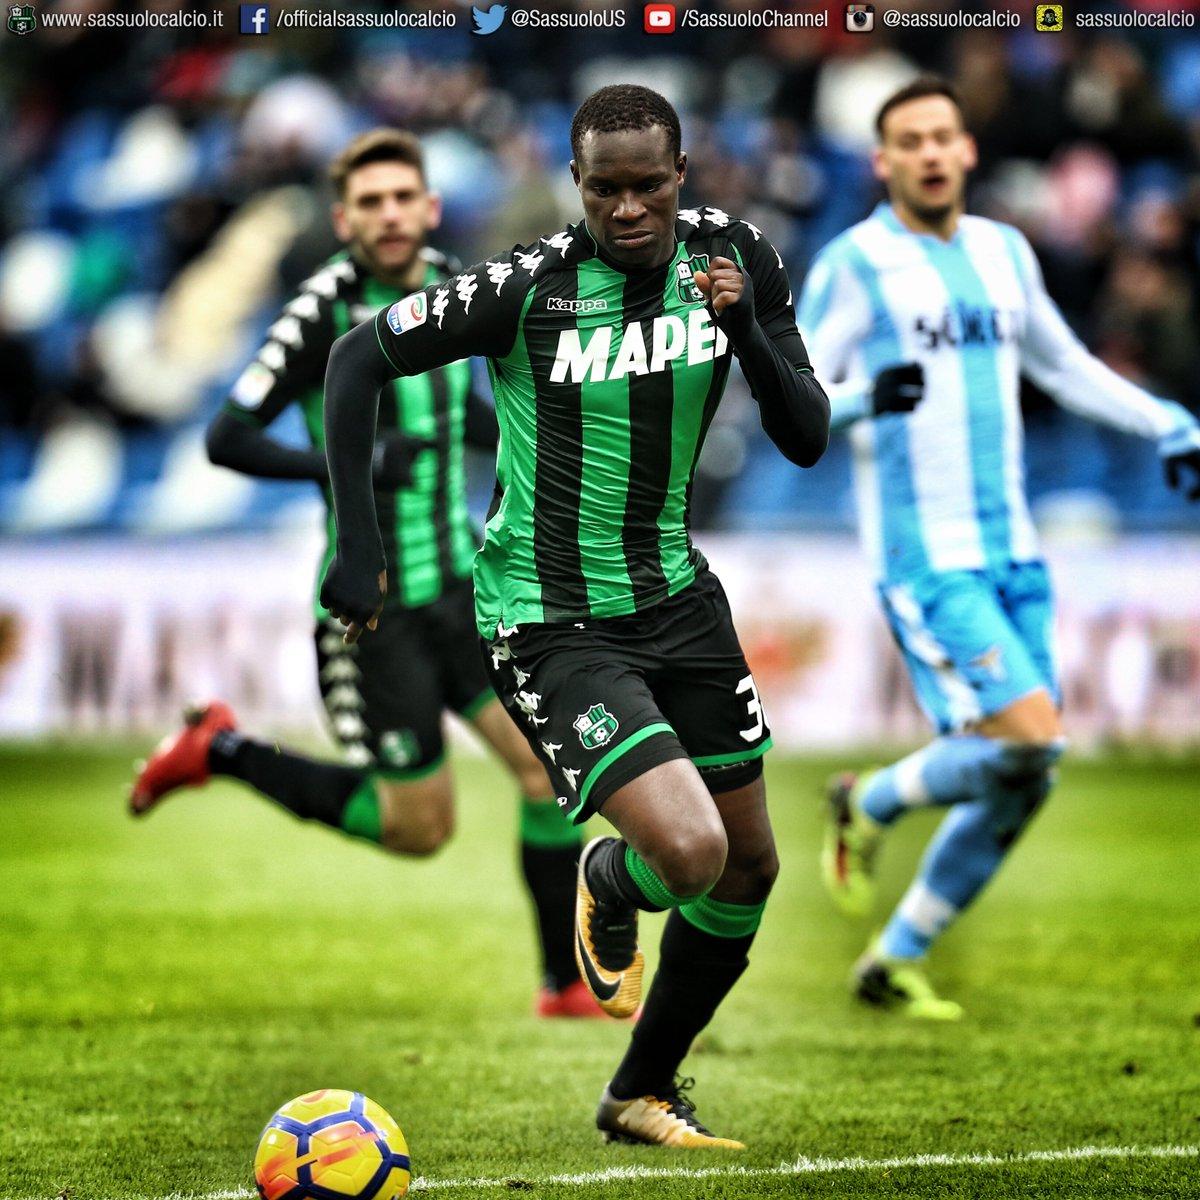 #BuonCompleanno all'attaccante neroverde Khouma @babito10 #Babacar, che oggi compie 25 anni! Tanti auguri!!! 🎂🎁🎊🎉 #HappyBDay 🖤💚 #ForzaSasol 💪💪💪